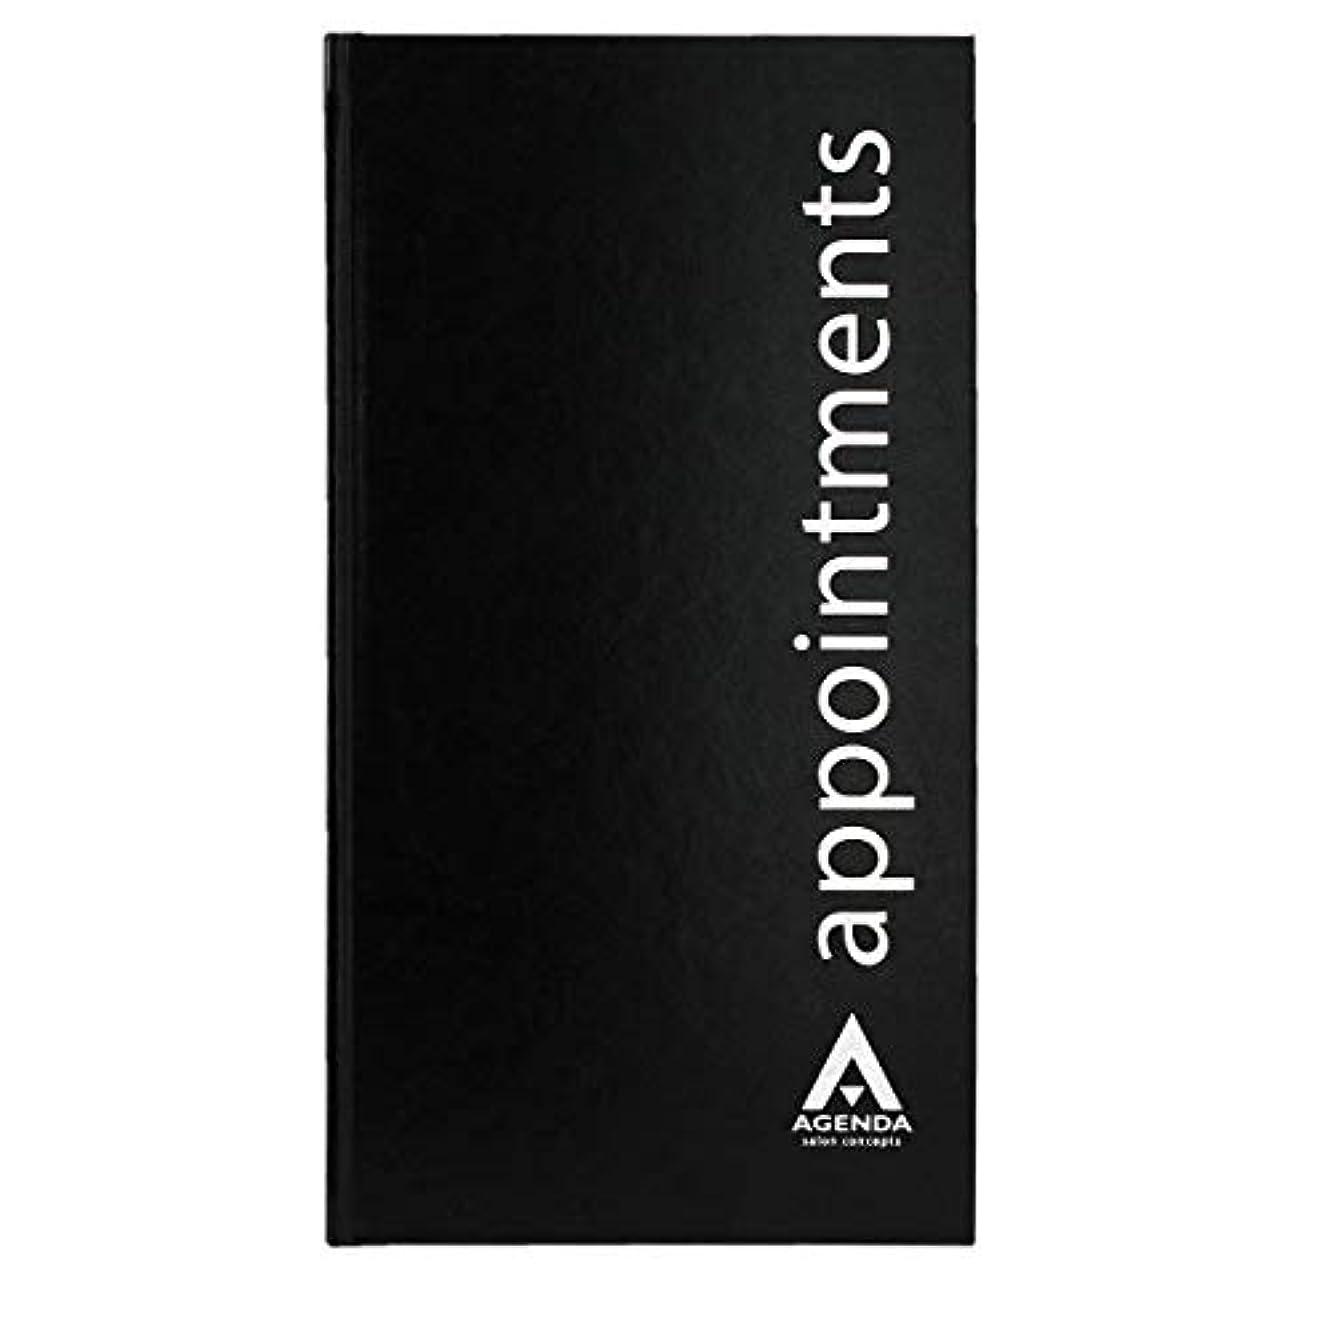 ロバ成果熱望するアジェンダ サロンコンセプト 美容アポイントメントブック3アシスタントブラック[海外直送品] [並行輸入品]